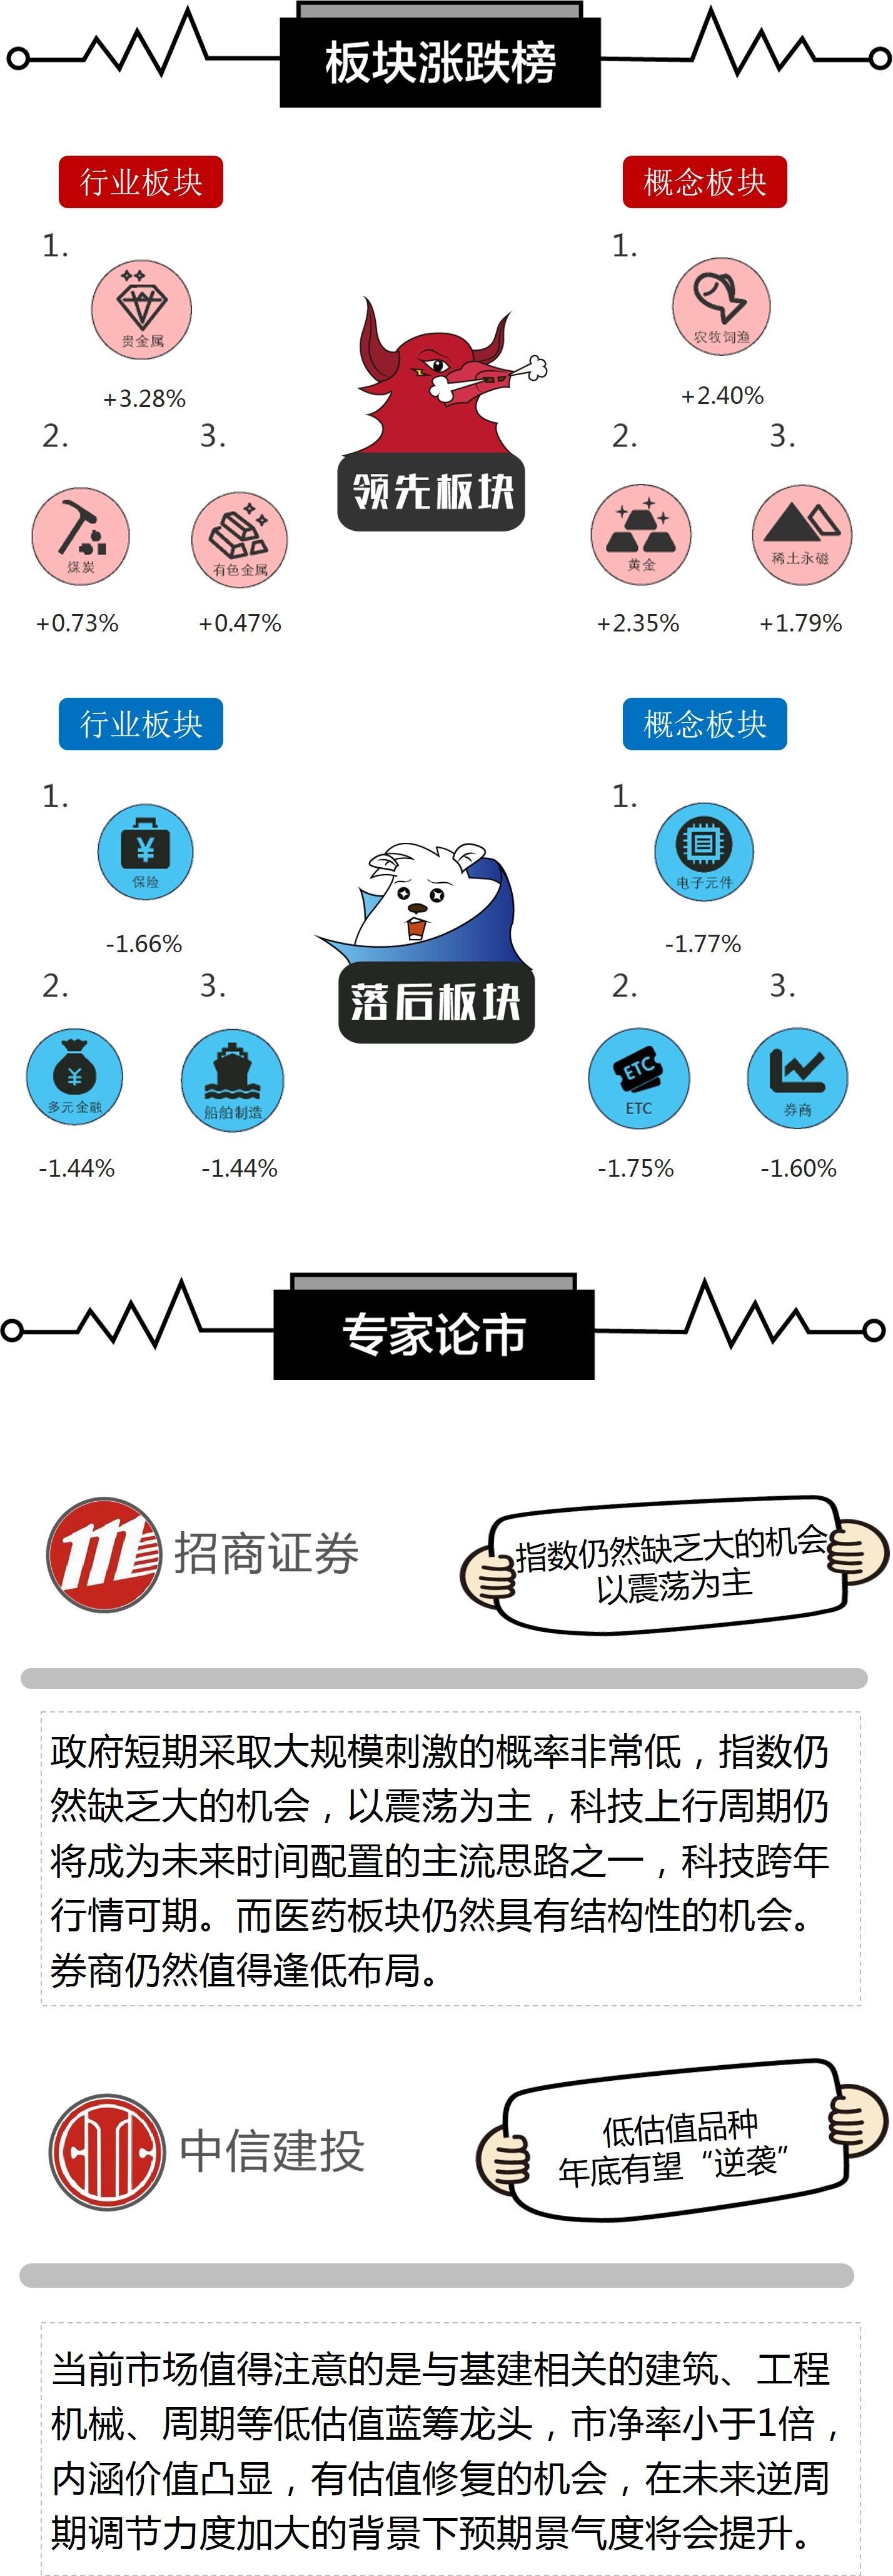 「海港城网上app」《遇见幸福》首播收视夺冠 蒋欣李光洁揭露生活真相